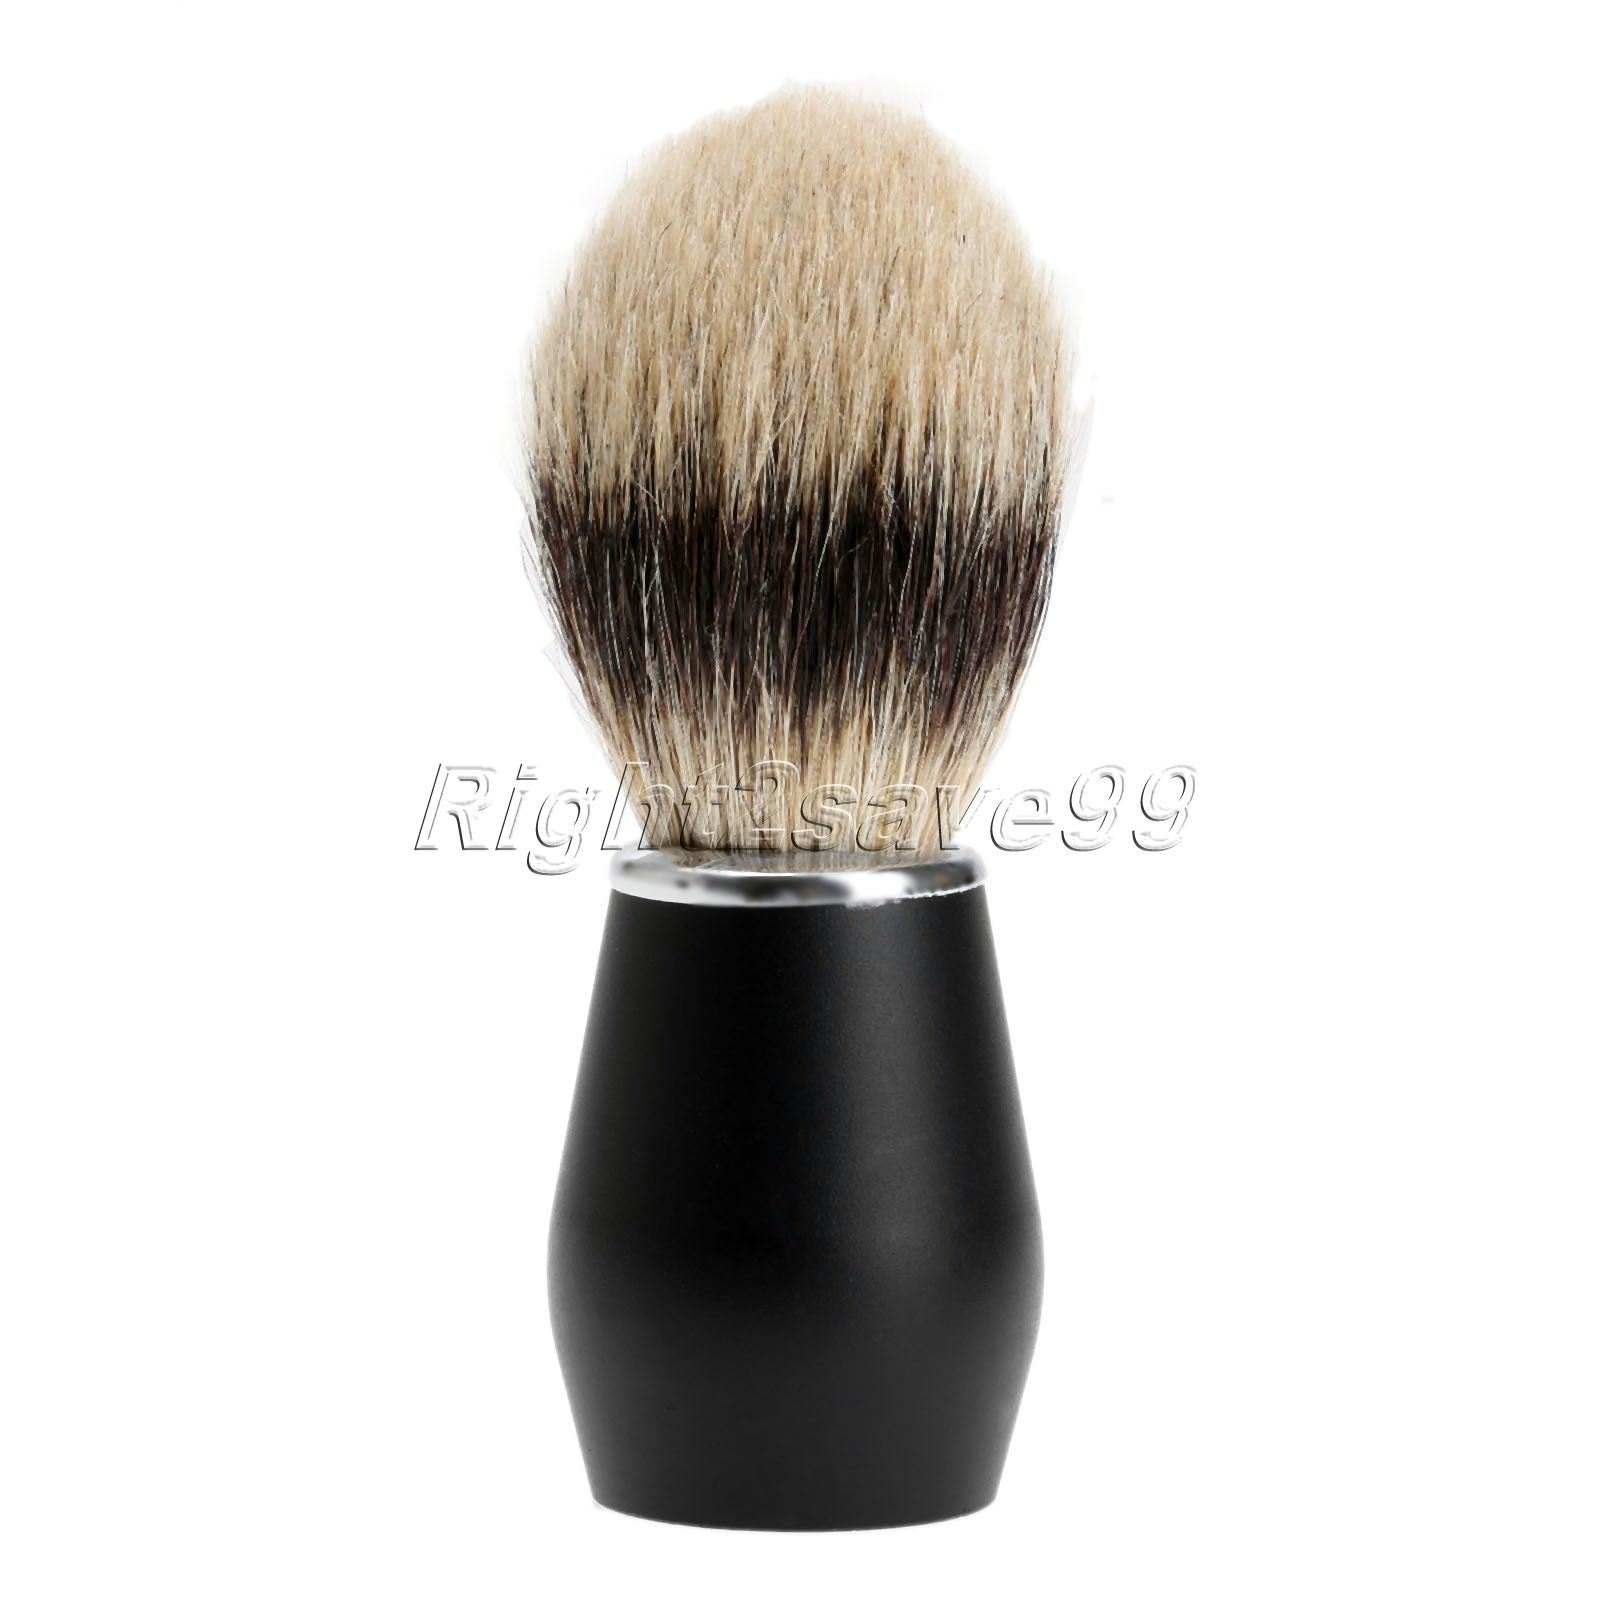 New Arrival Men's Gift Silvertip Badger Hair Shaving Brush Aluminum Handle Barber Tools Badger Shaving Brushes цена